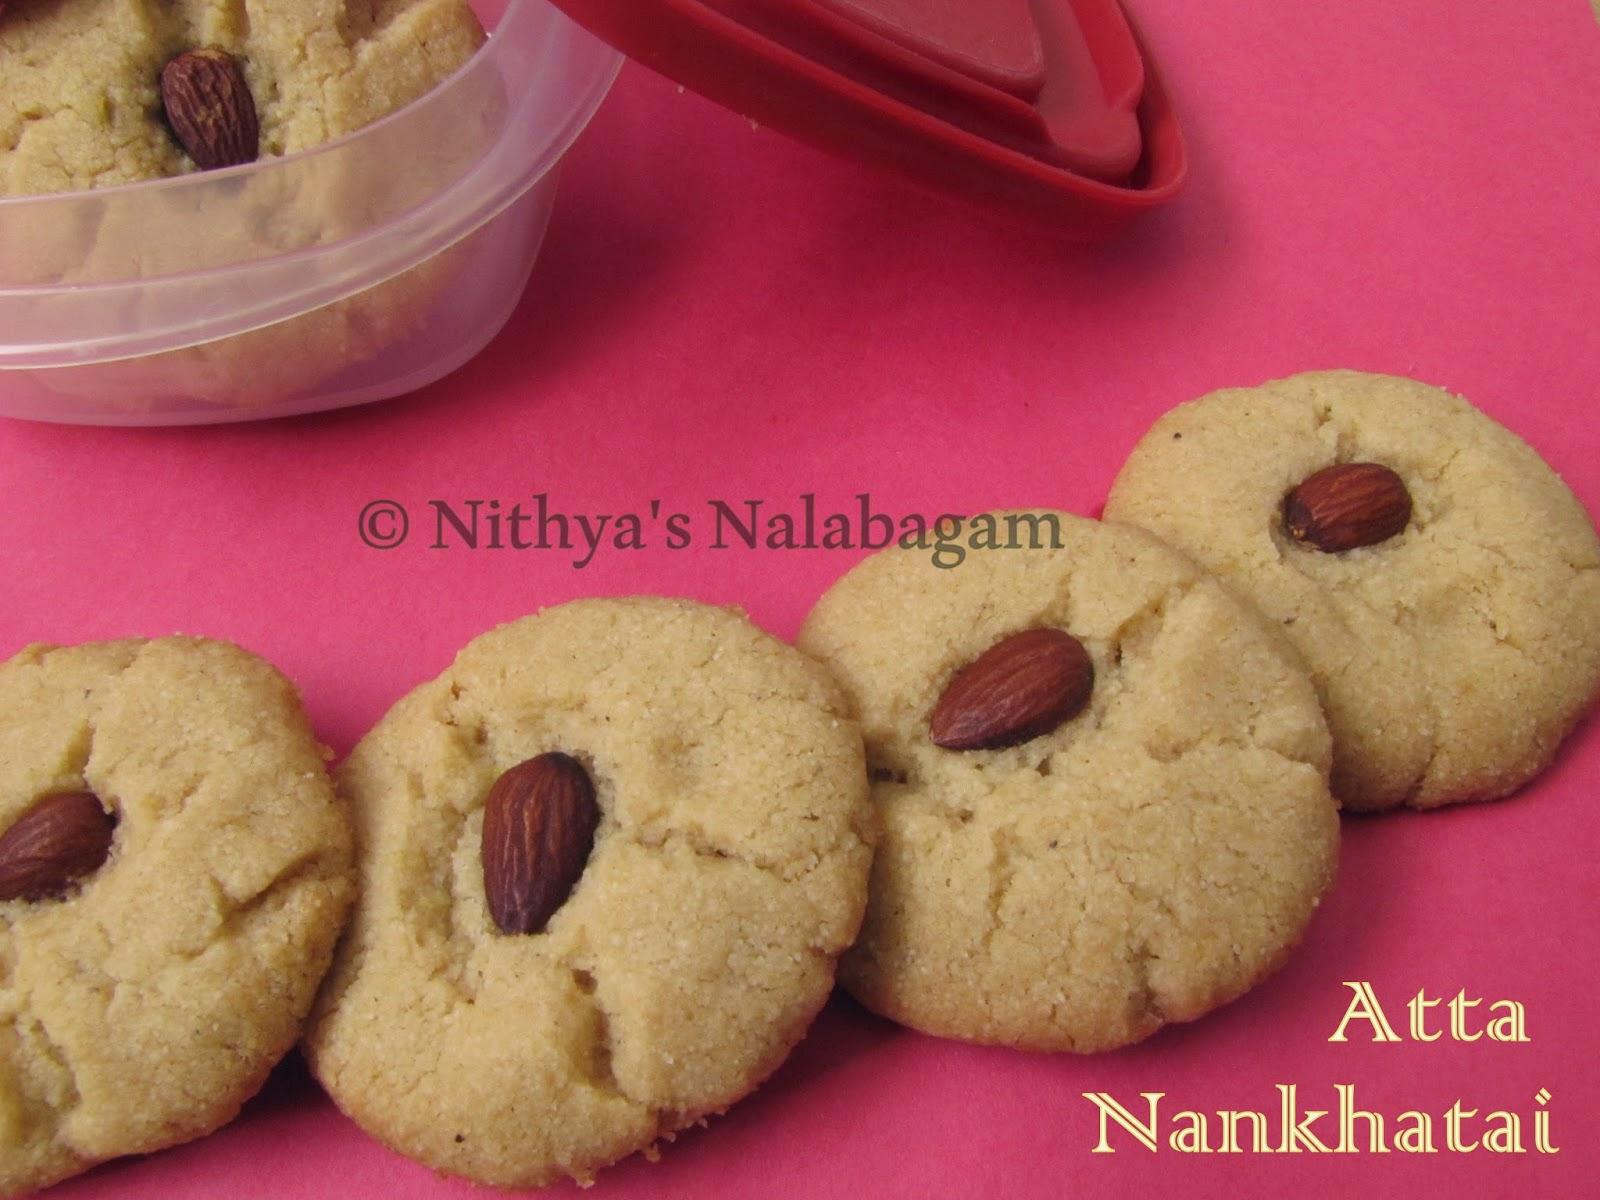 Atta Biscuits | Atta Nankhatai